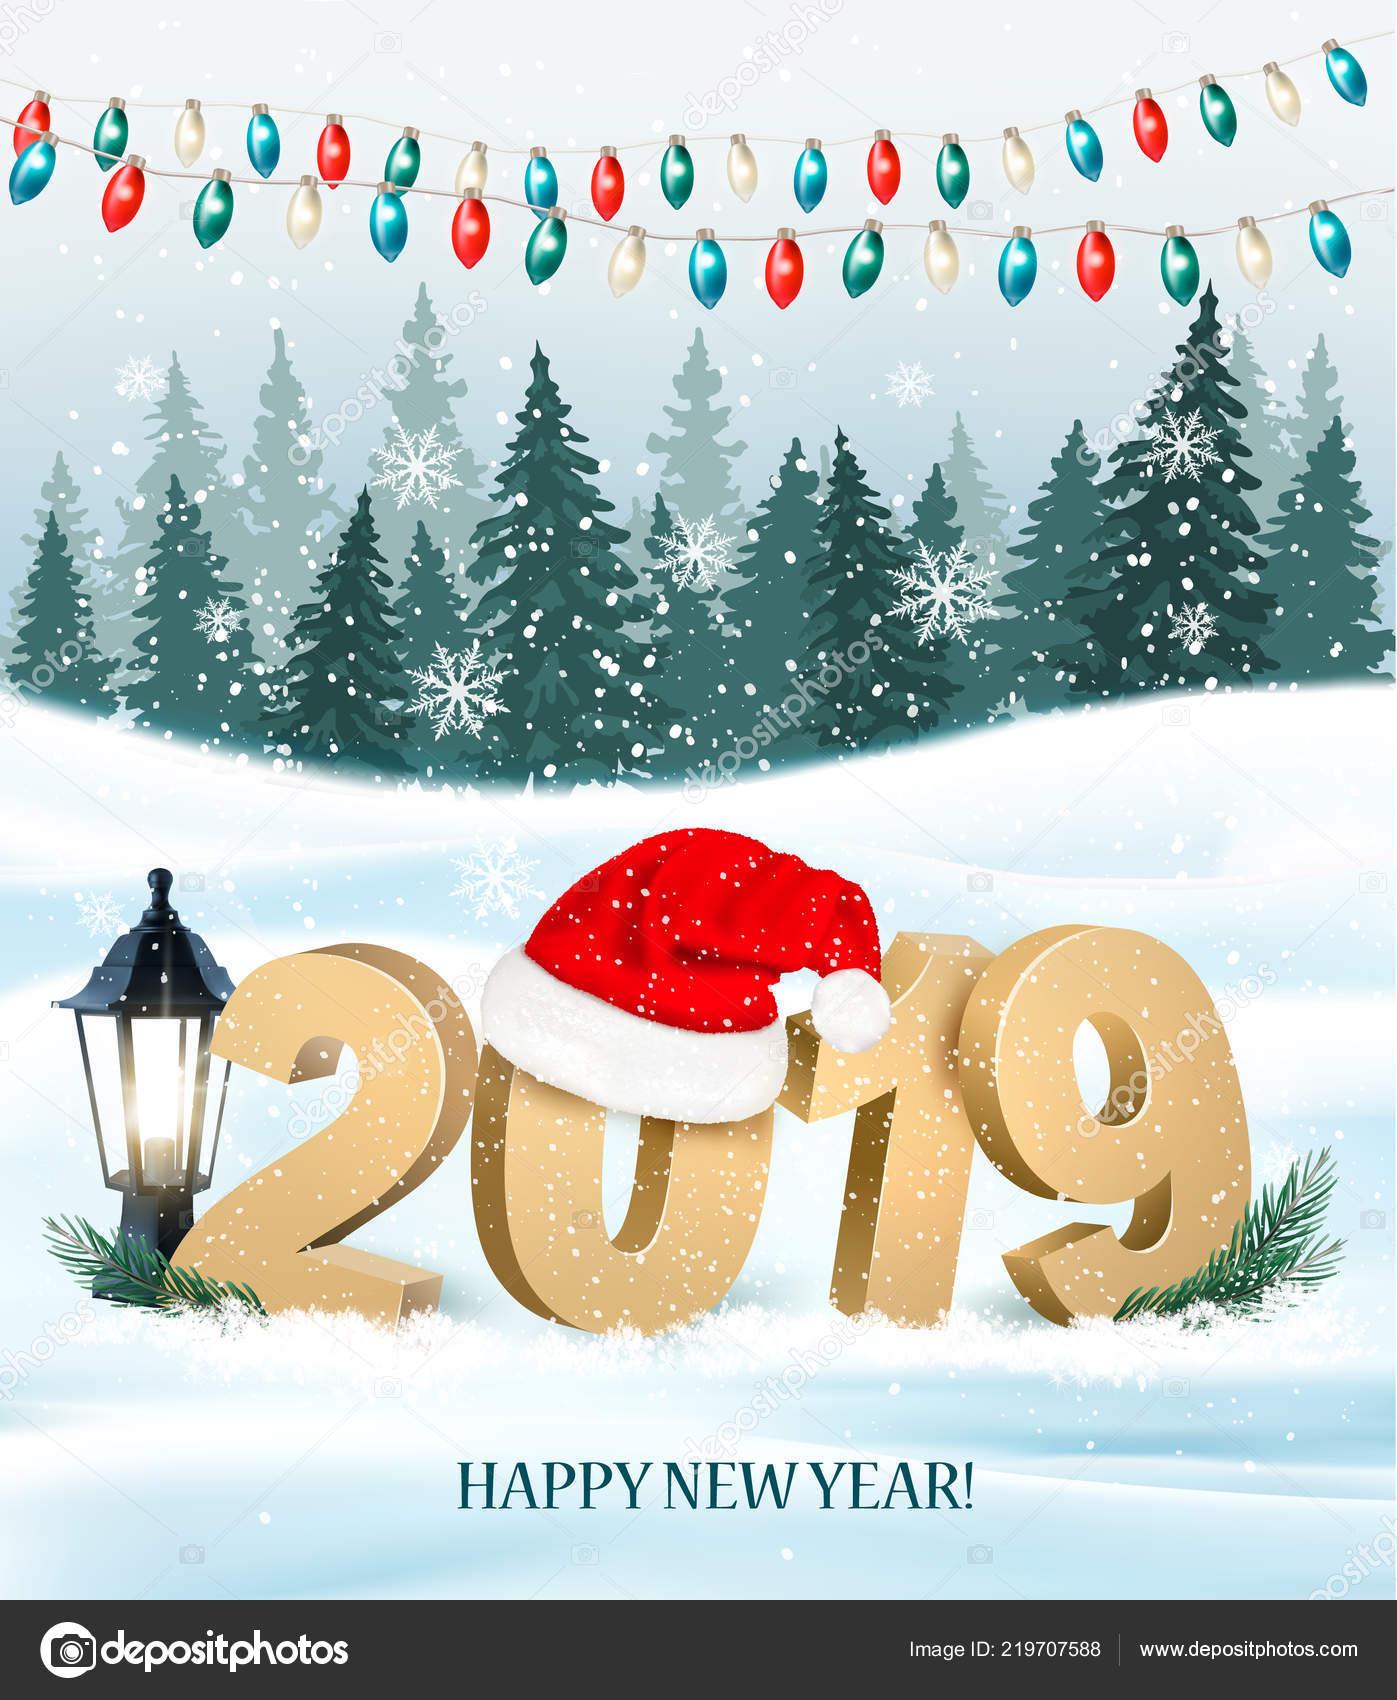 Weihnachten Urlaub 2019.Weihnachten Urlaub Hintergrund Mit 2019 Und Rote Weihnachtsmütze